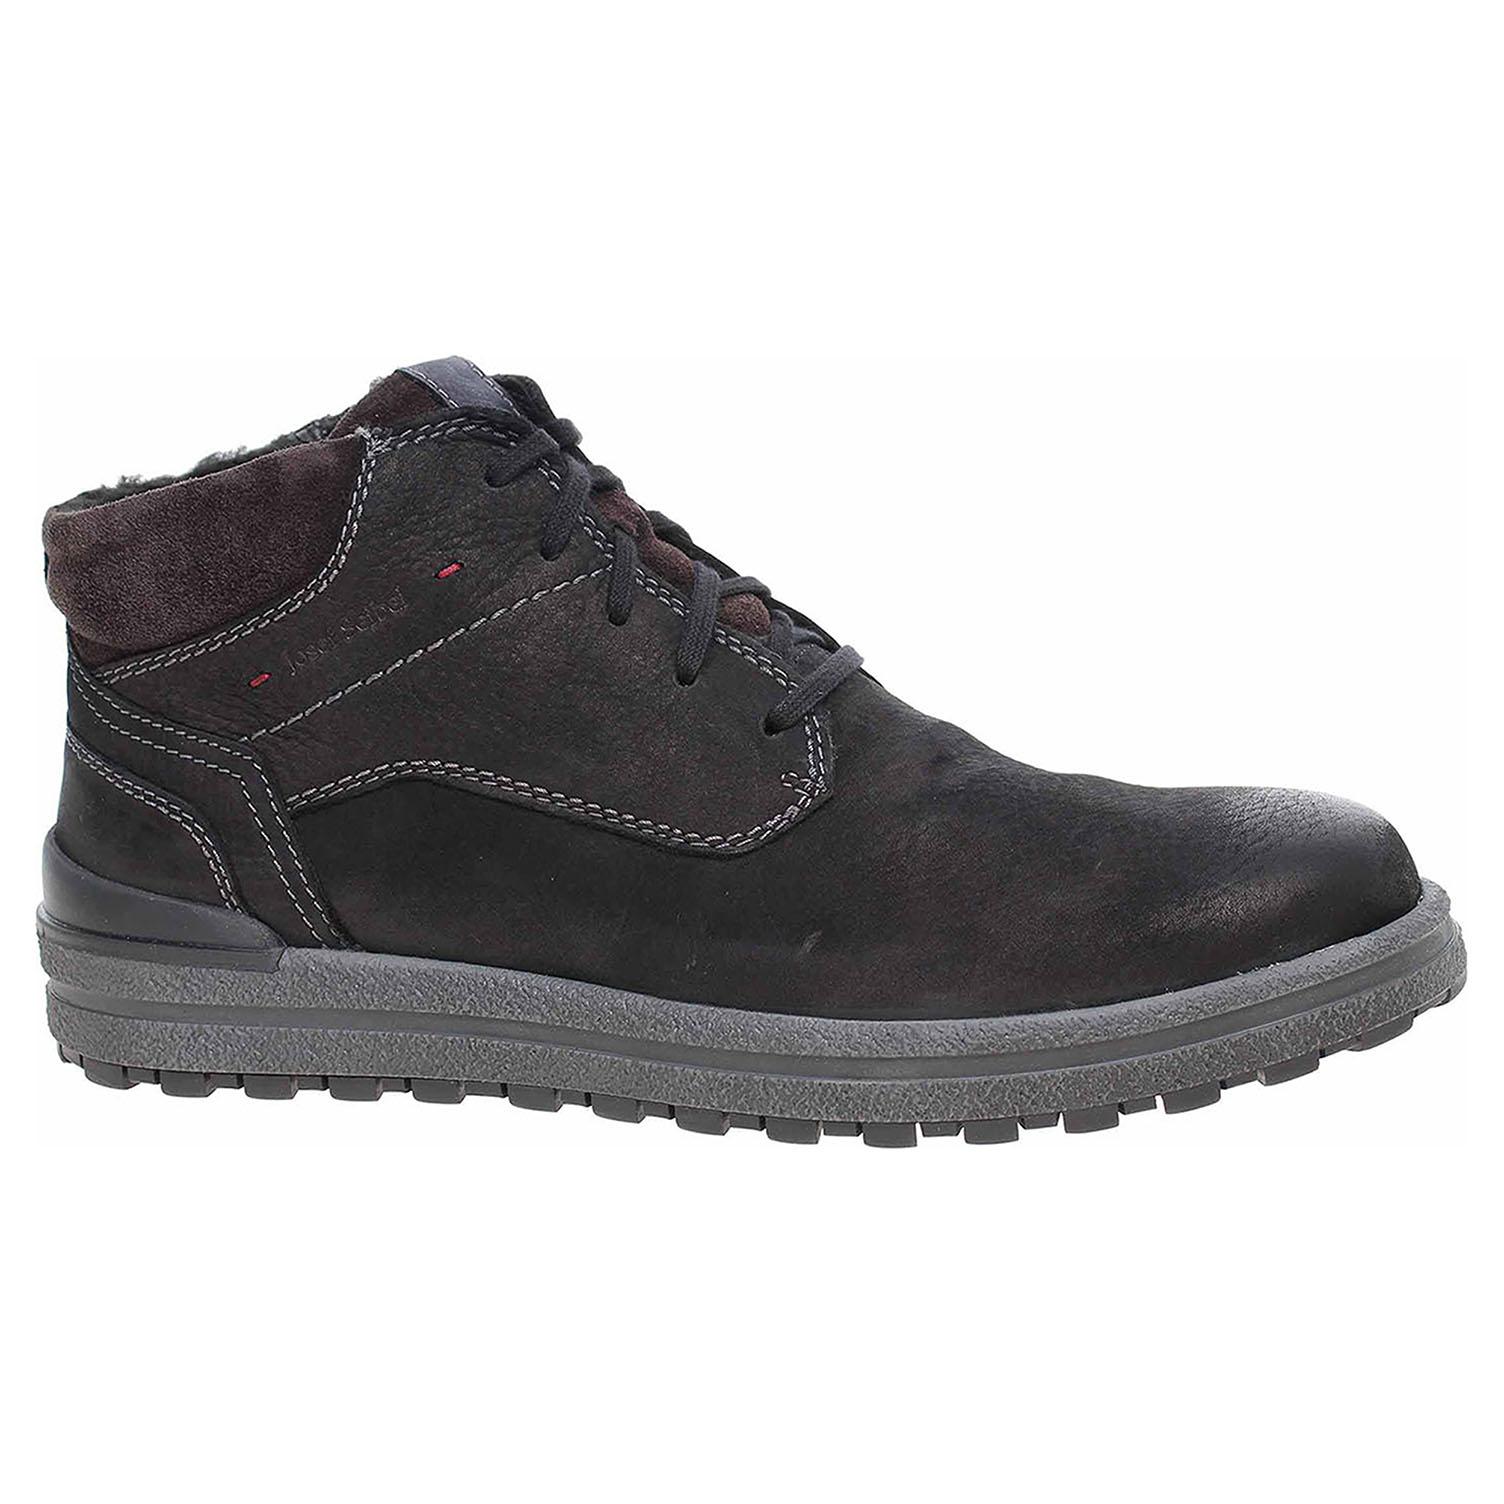 Pánská kotníková obuv Josef Seibel 15525 PL796100 schwarz 15525 PL796 100 42